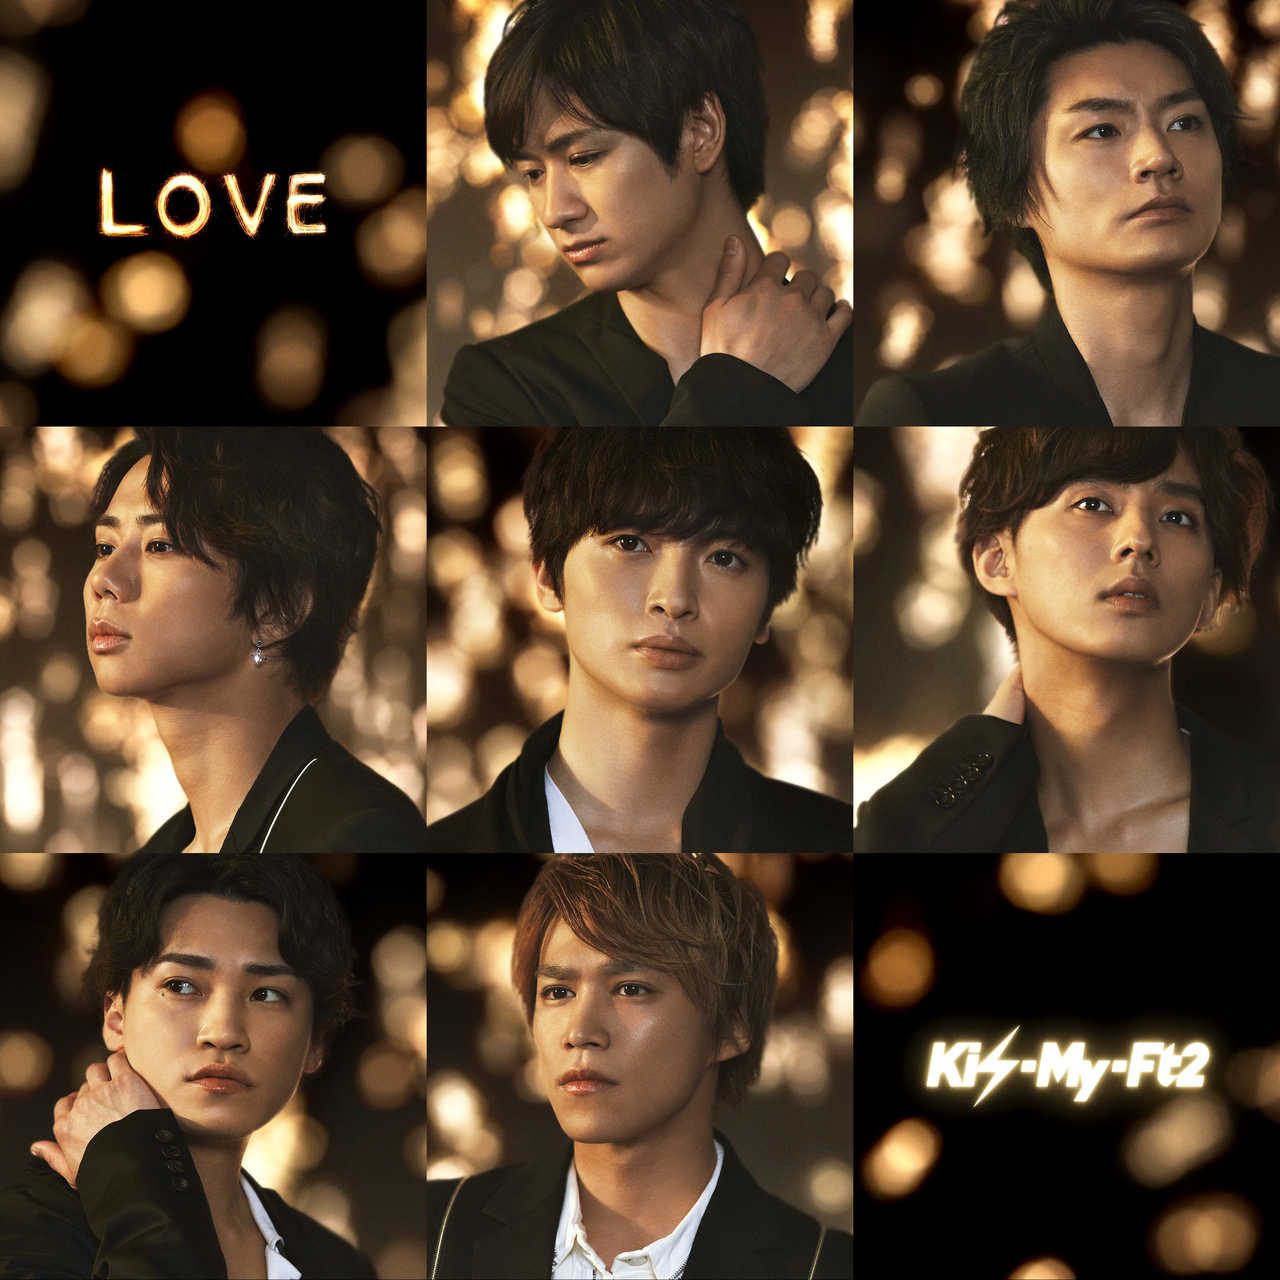 シングル「LOVE」【初回盤B】